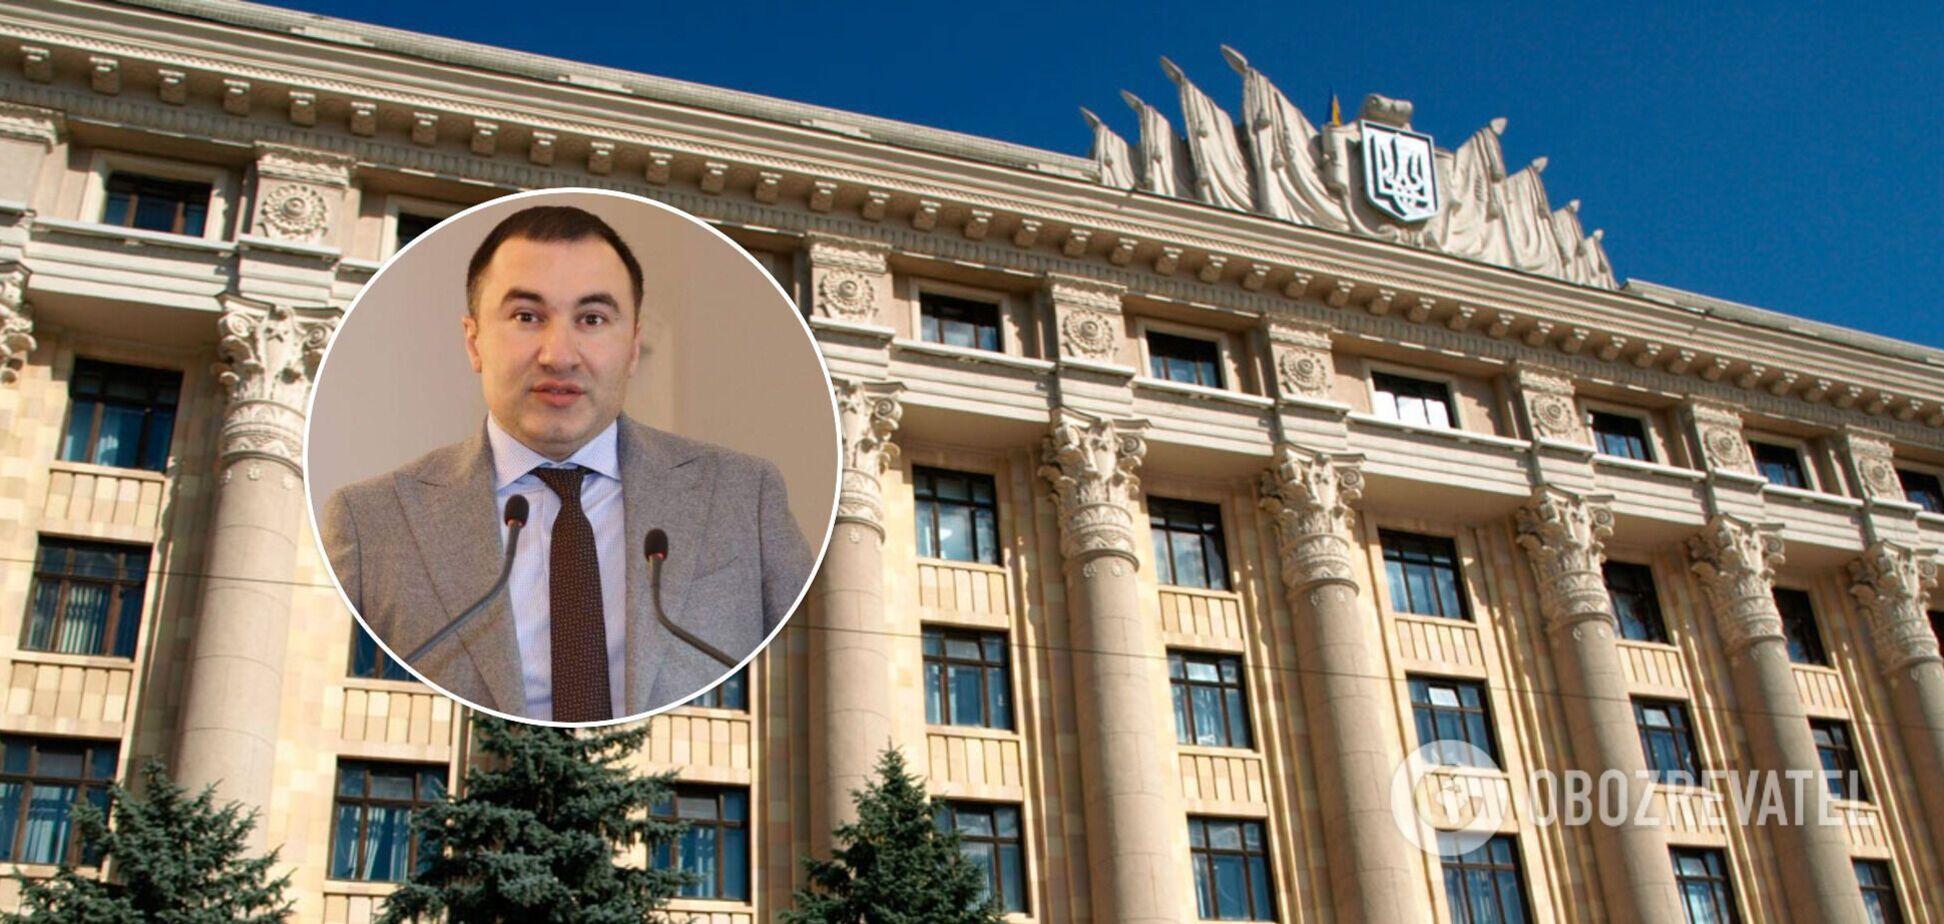 Підозрюваний у корупції голова Харківської облради склав повноваження. Документ